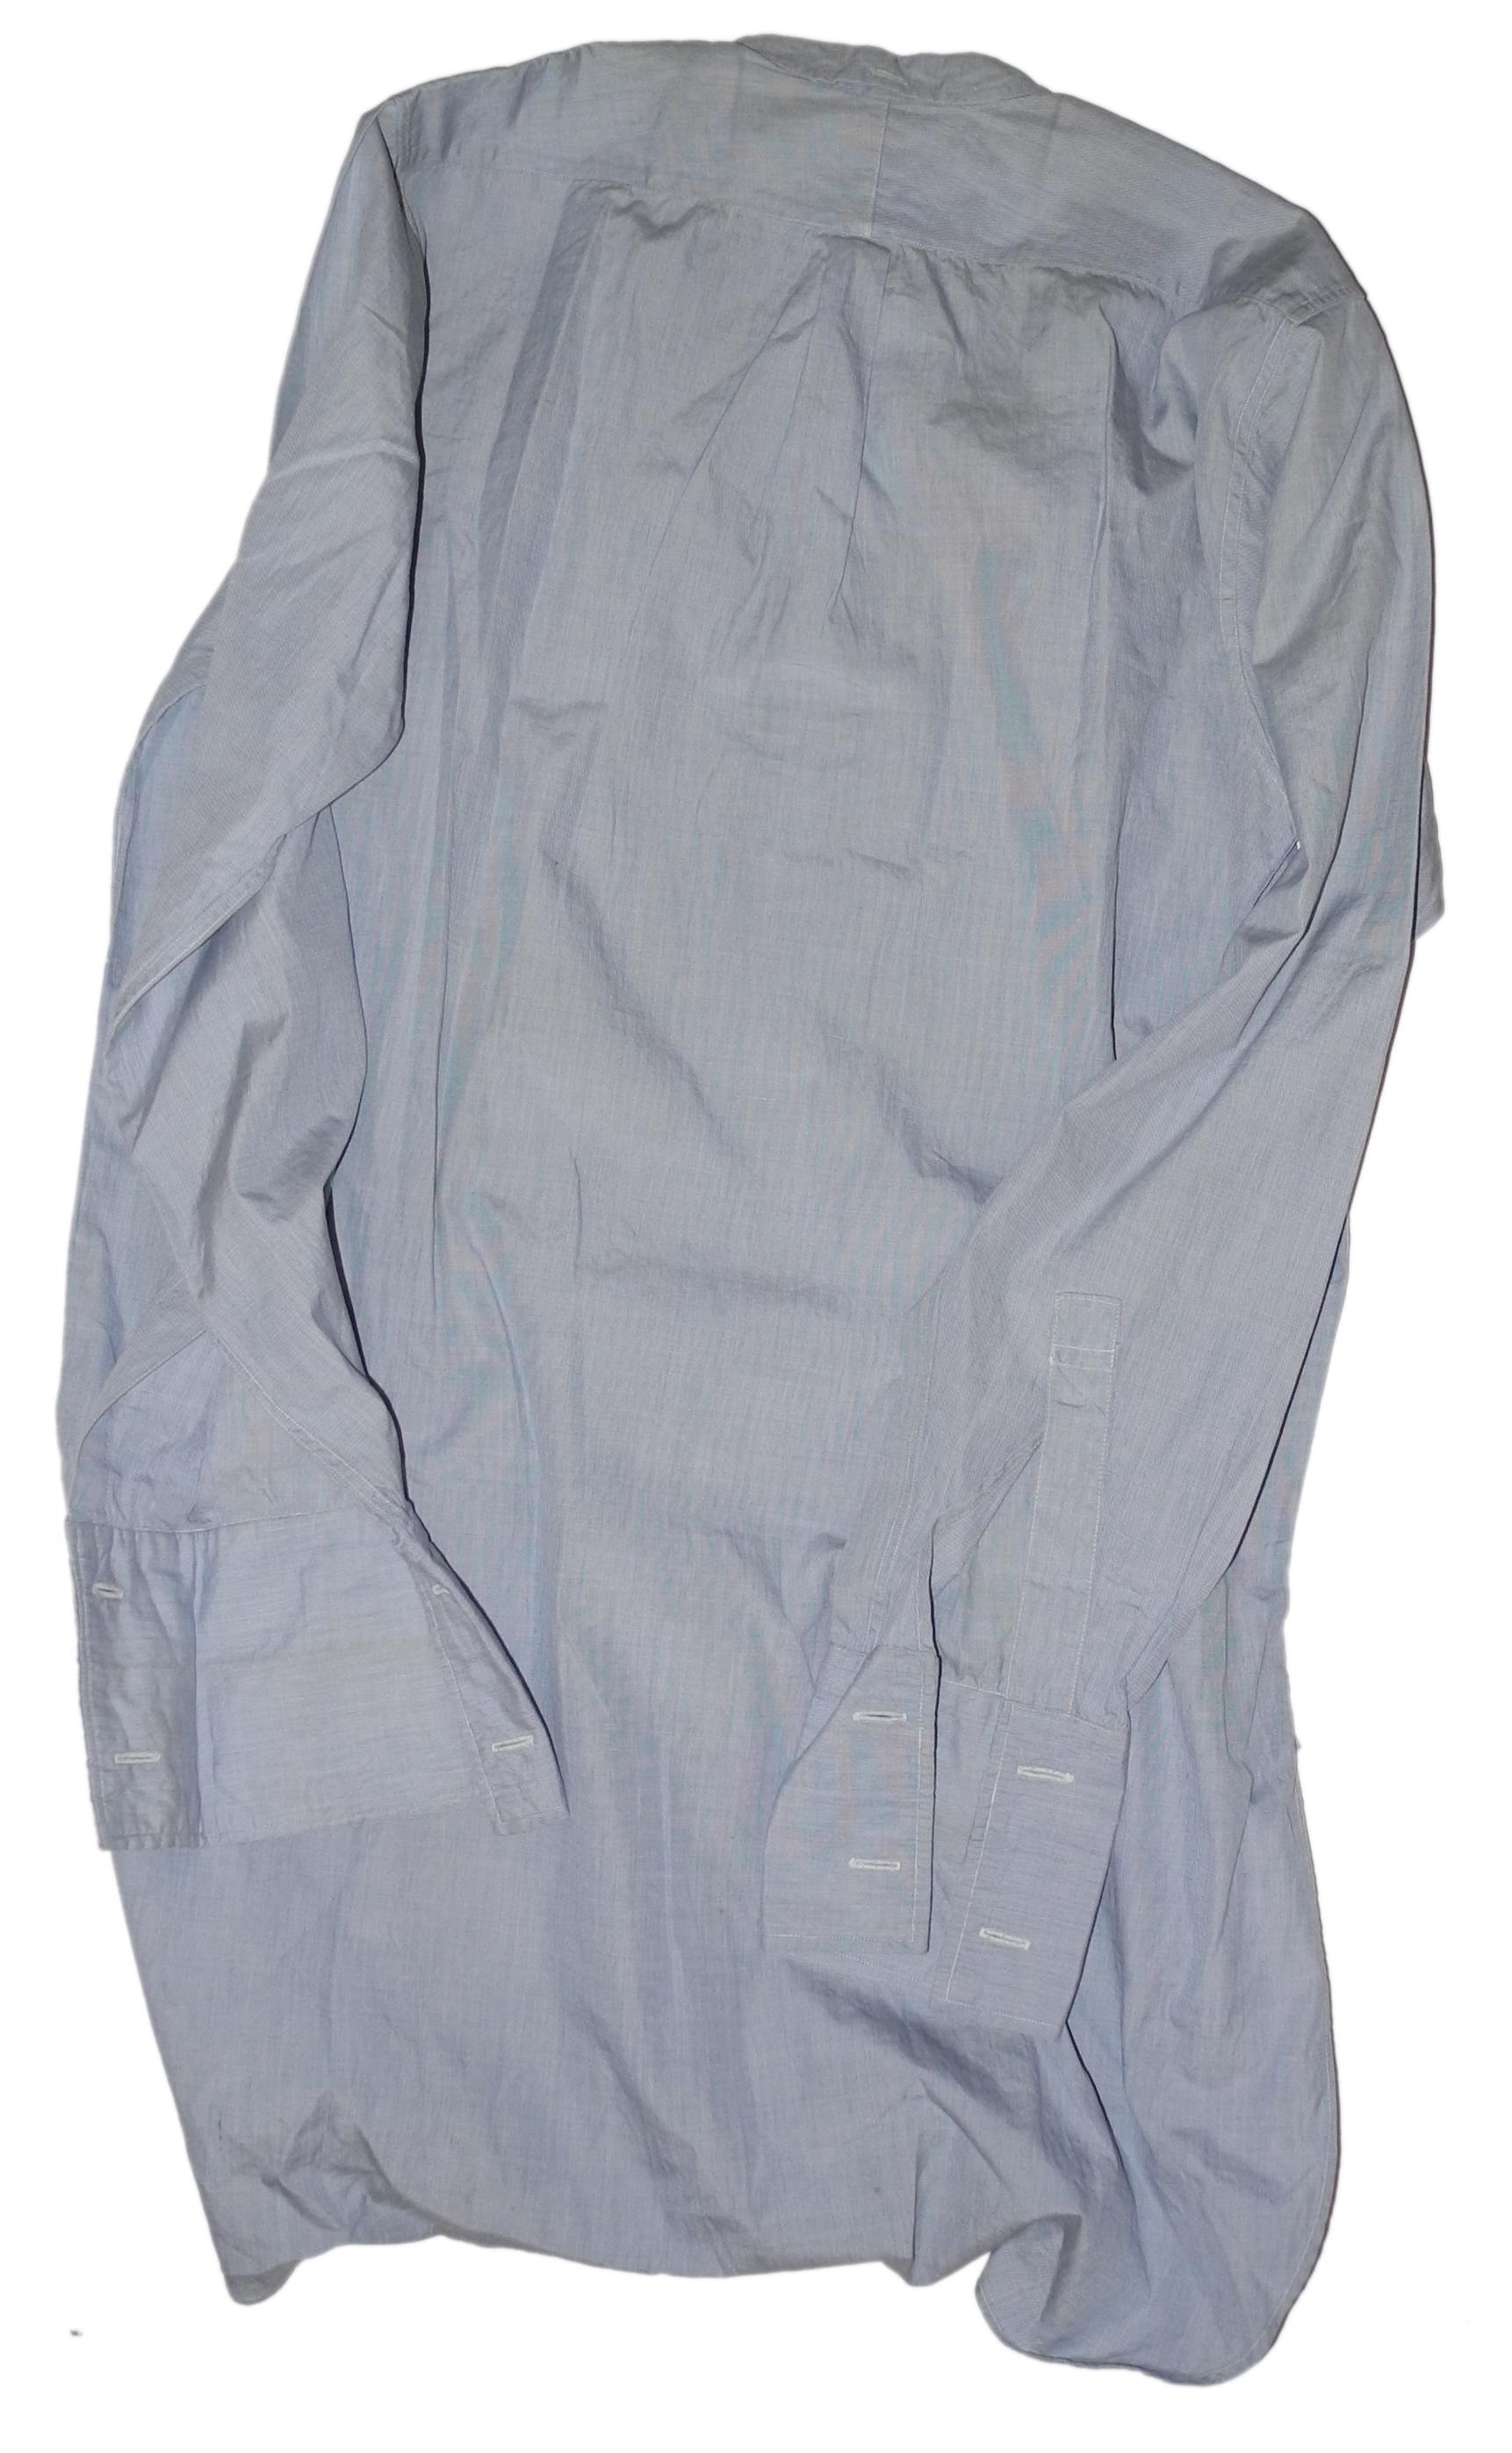 RAF officer's uniform shirt